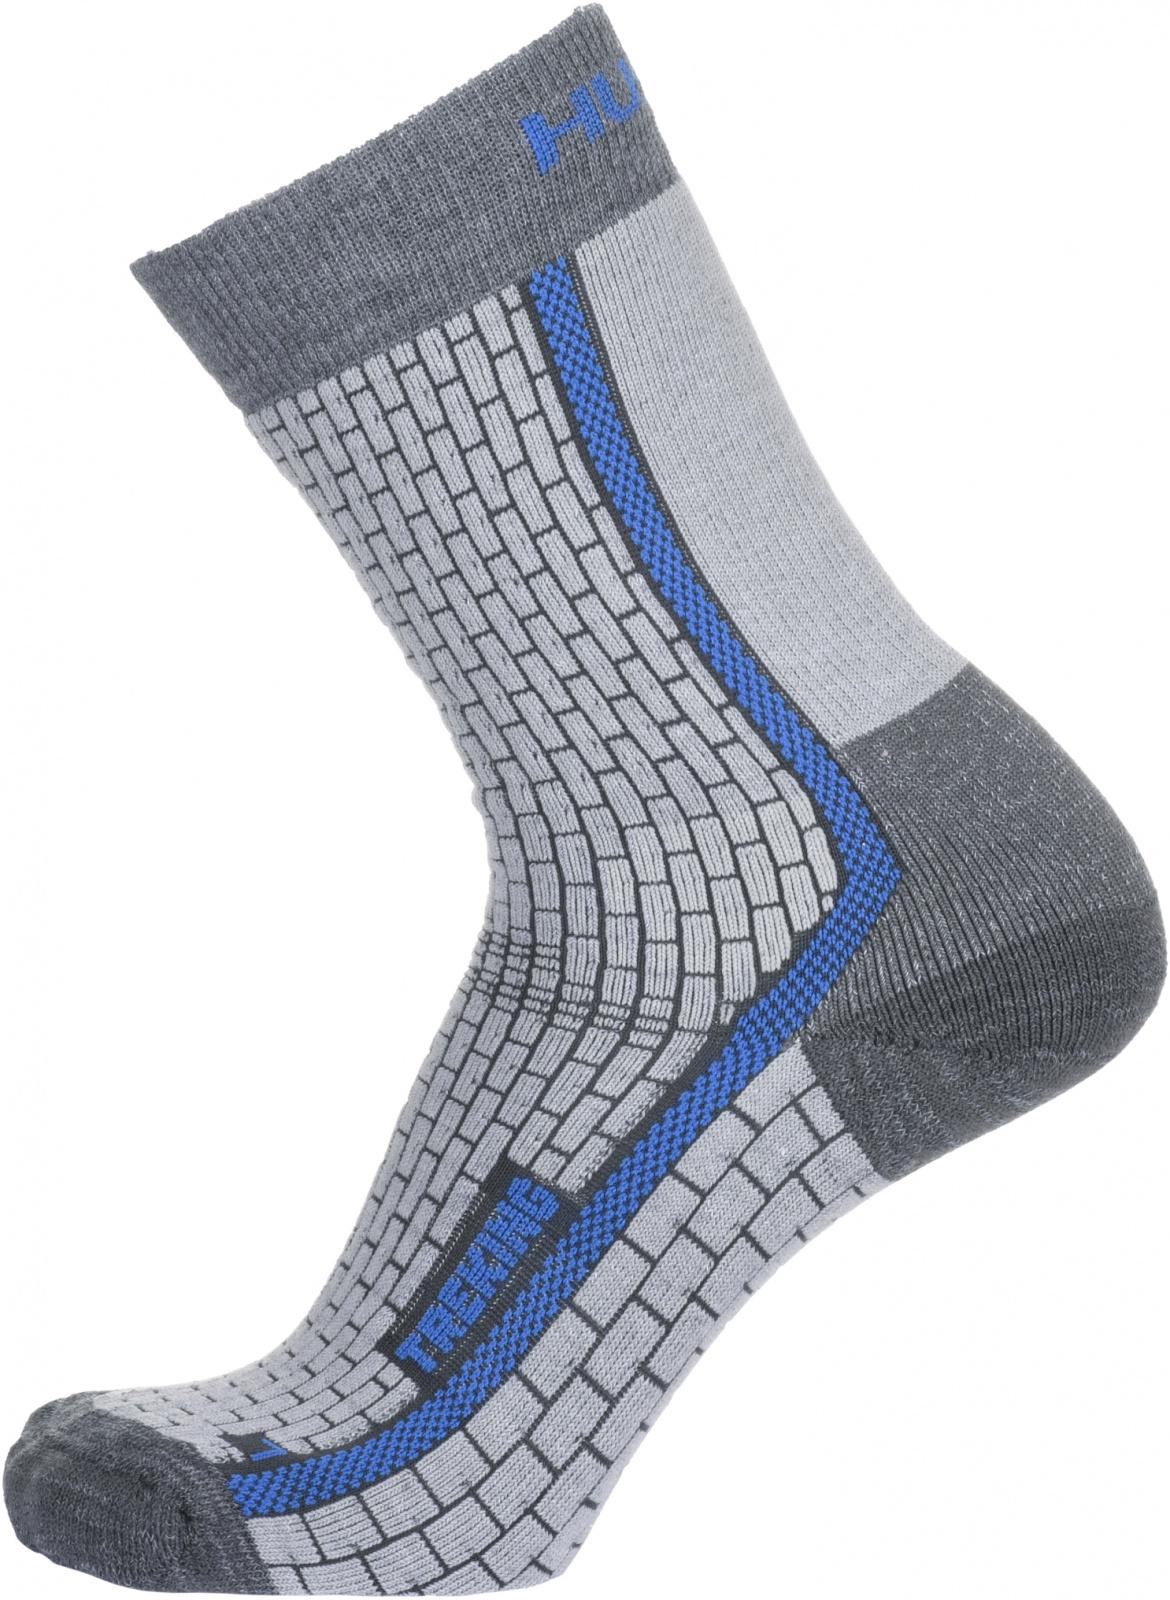 Husky Ponožky Treking šedá/modrá Velikost: L (41-44) ponožky